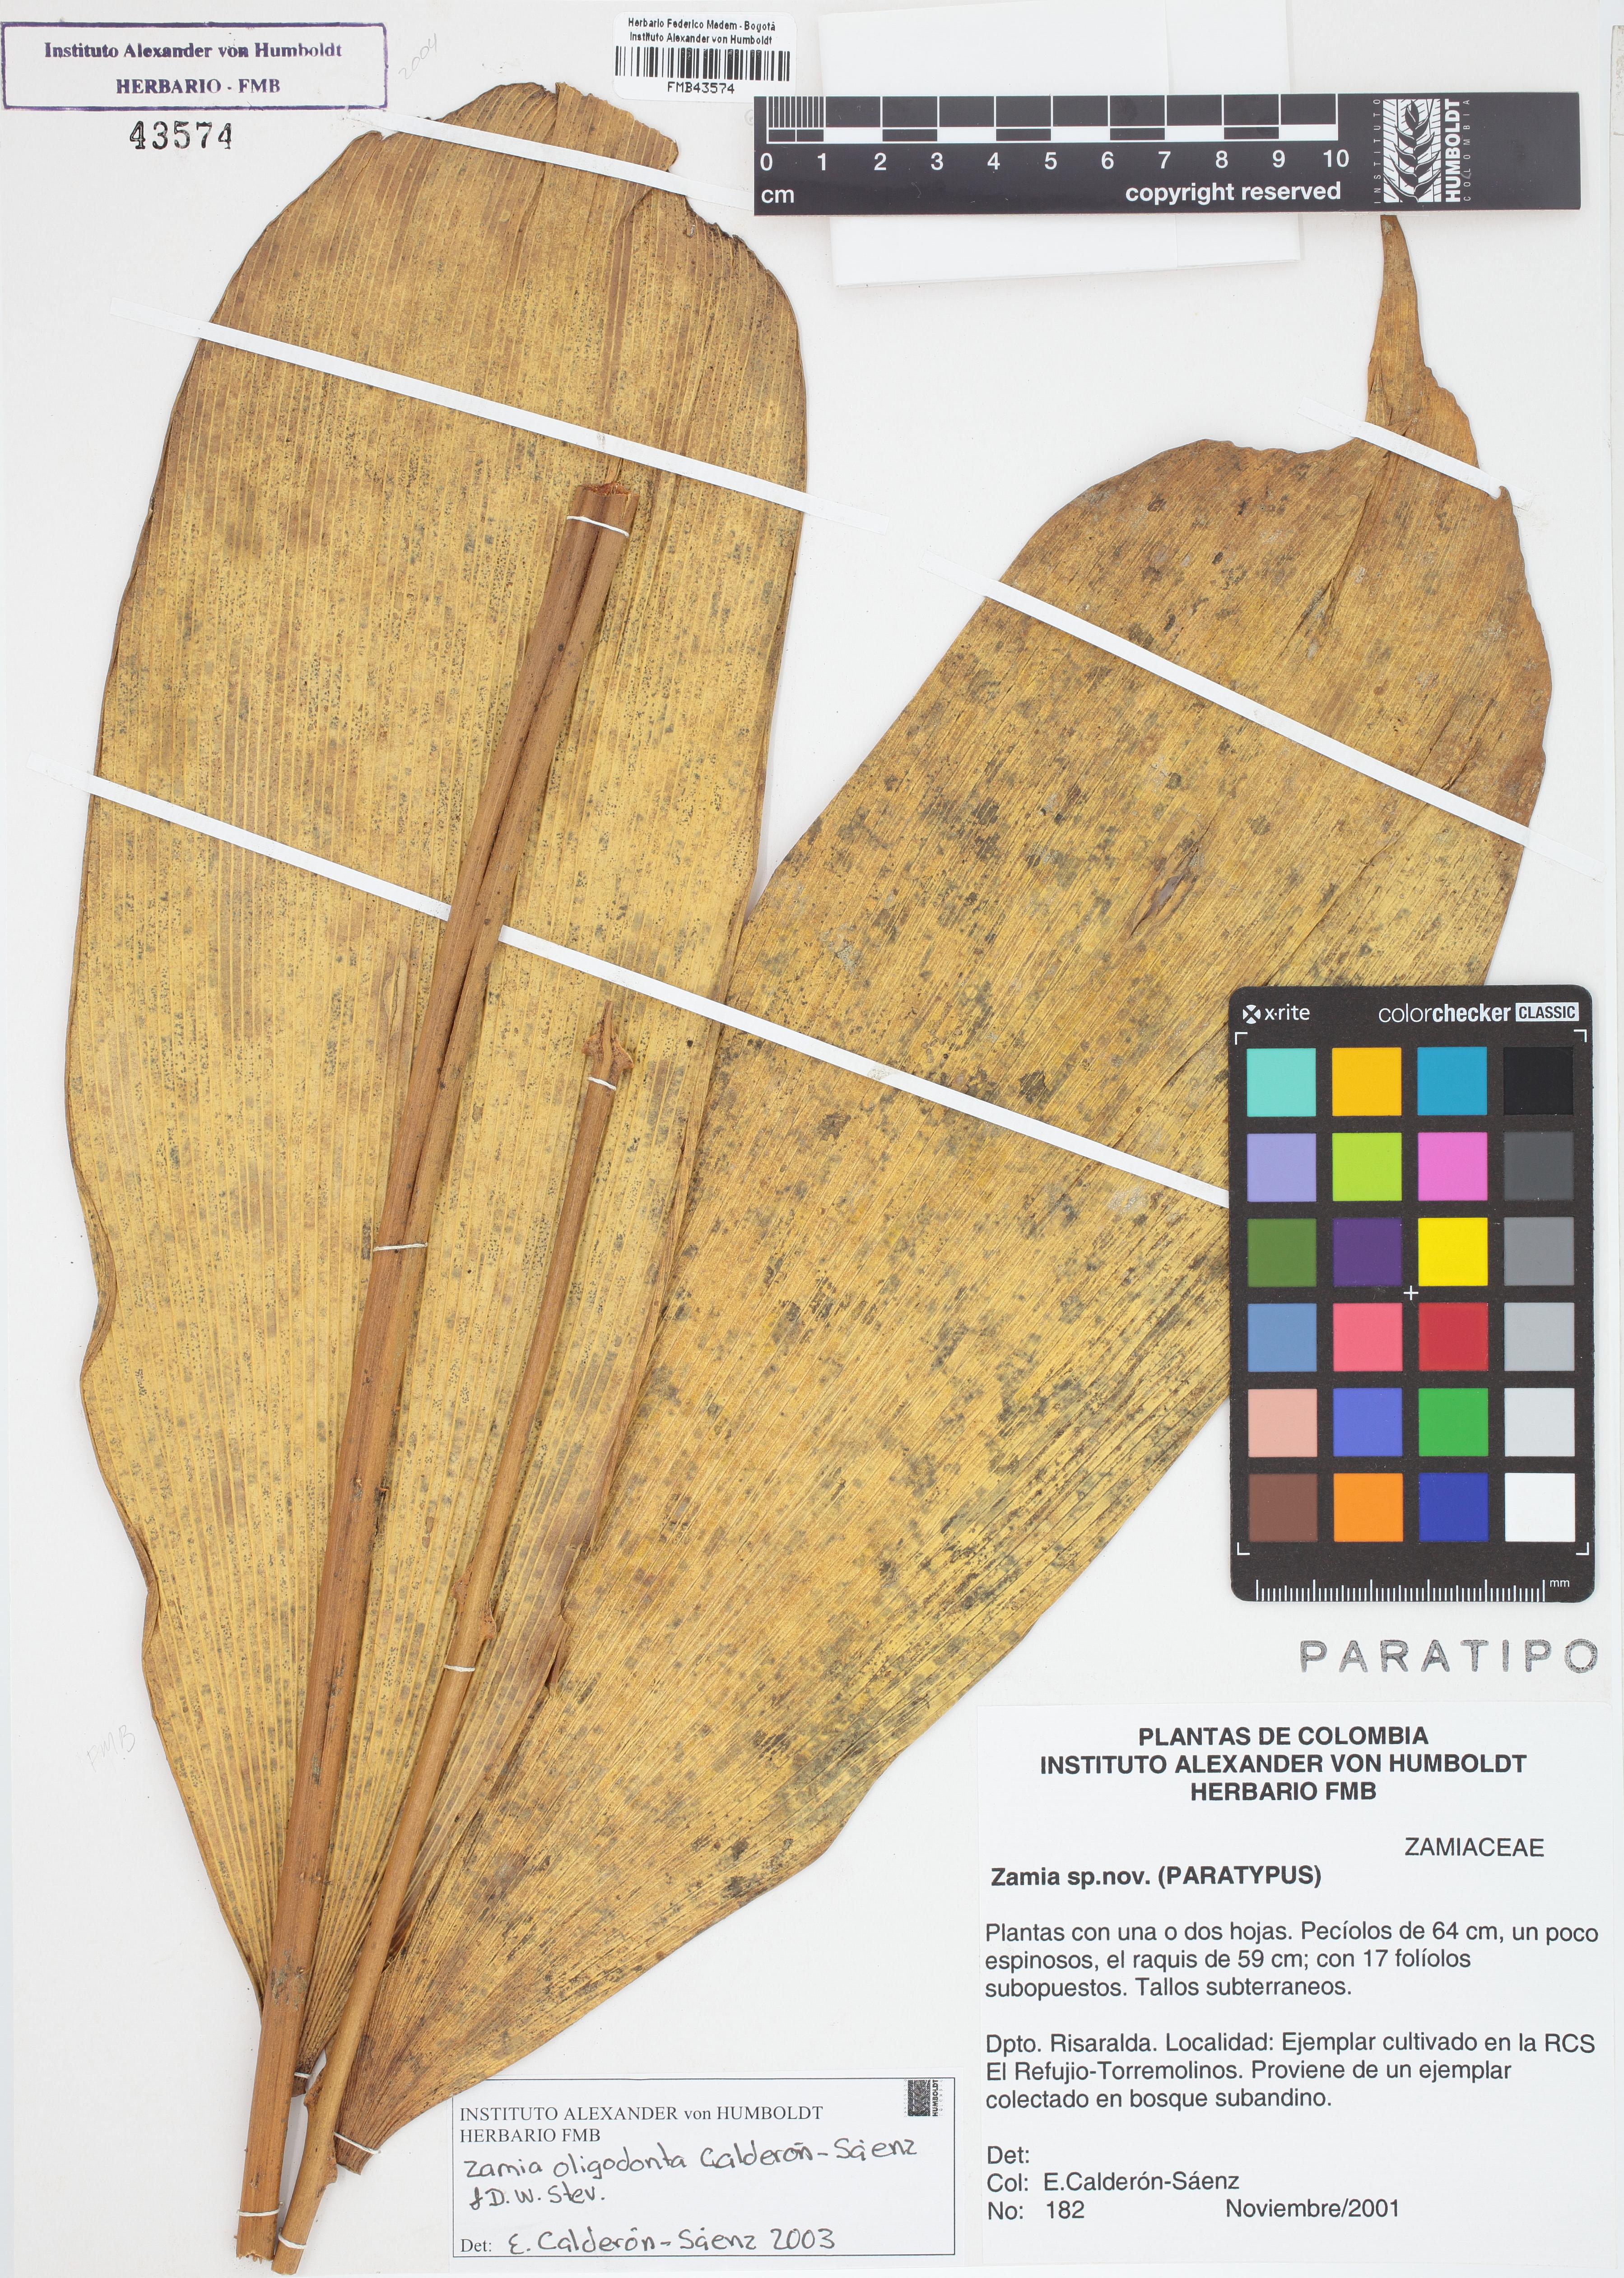 Paratipo de <em>Zamia oligodonta</em>, FMB-43574, Fotografía por Robles A.